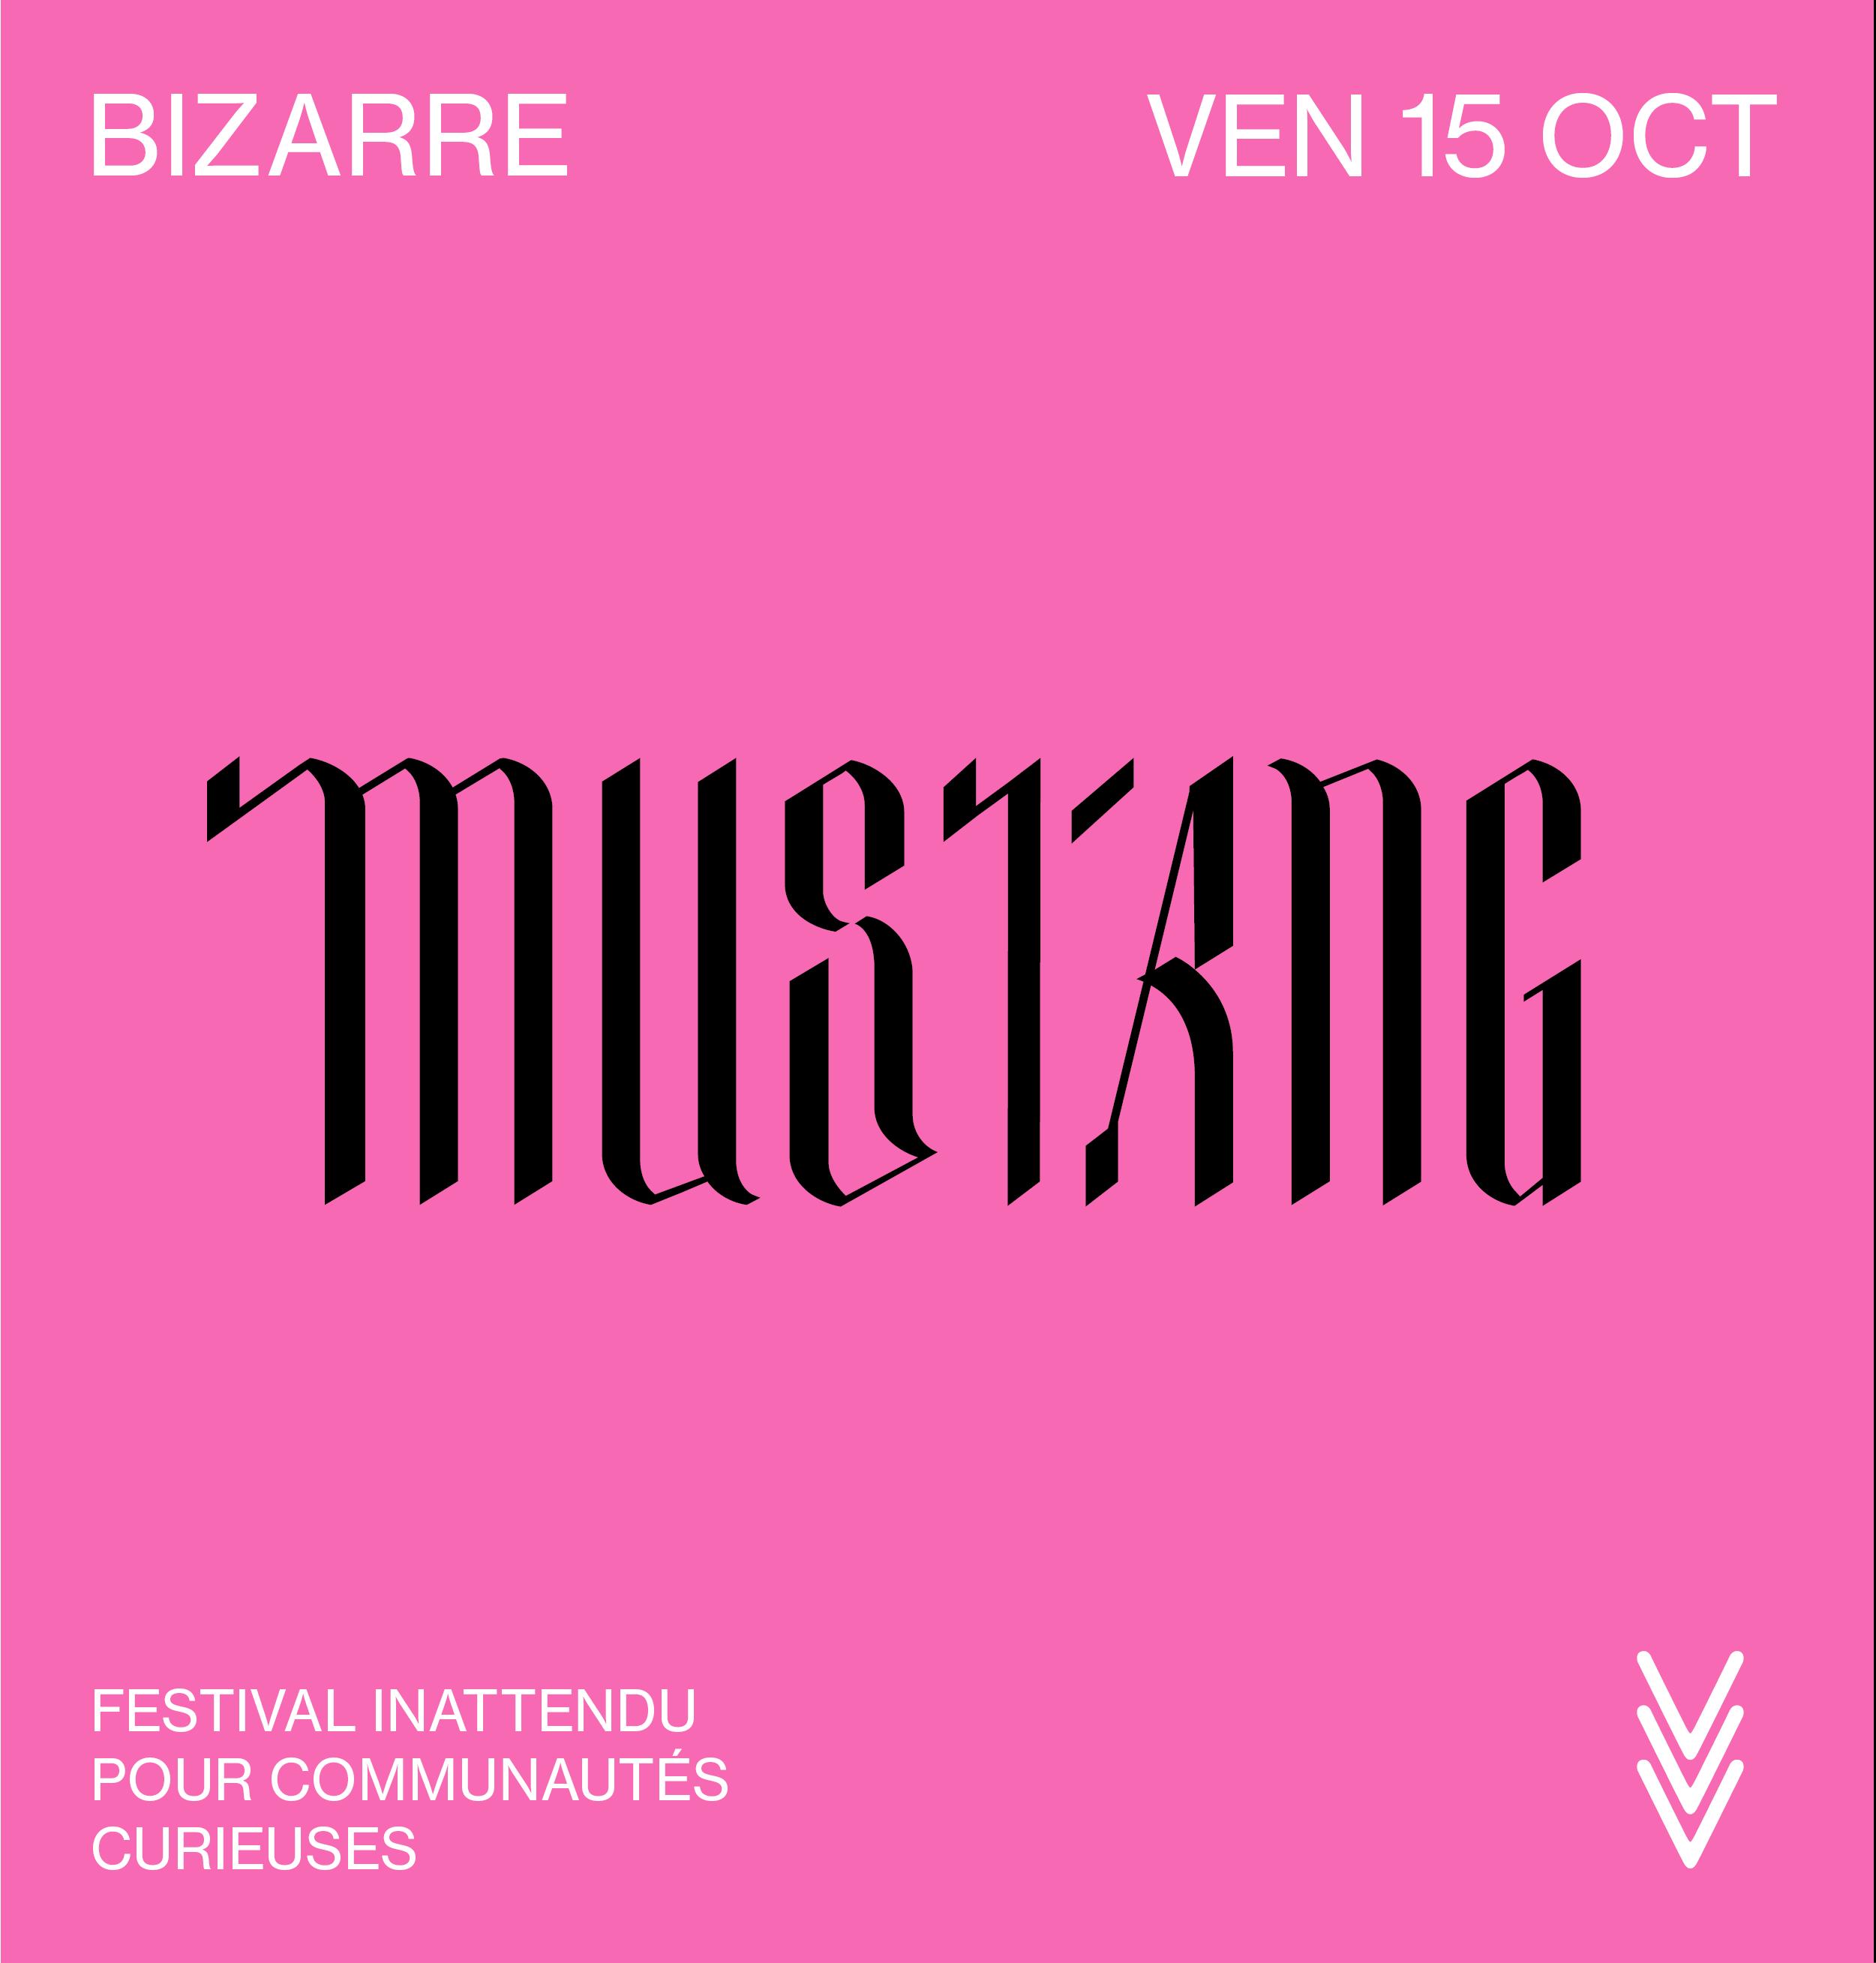 BIZARRE · Mustang